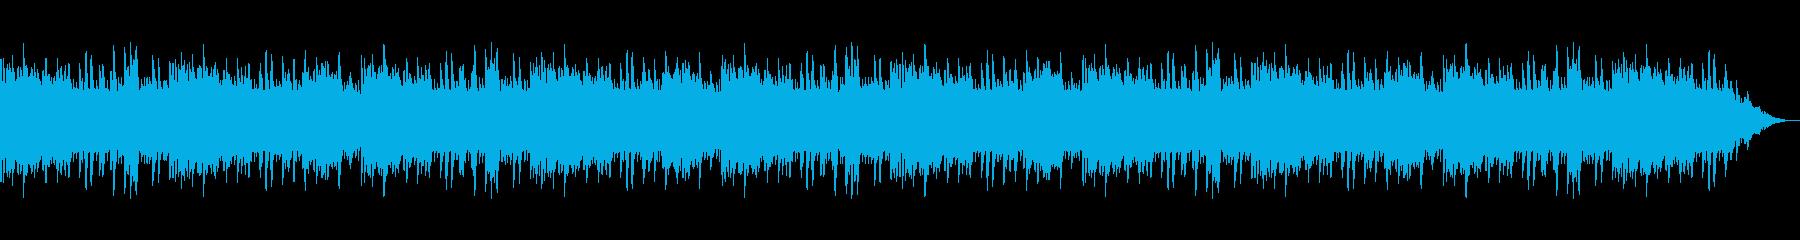 Retro Games: Sorrow/Sorrow's reproduced waveform